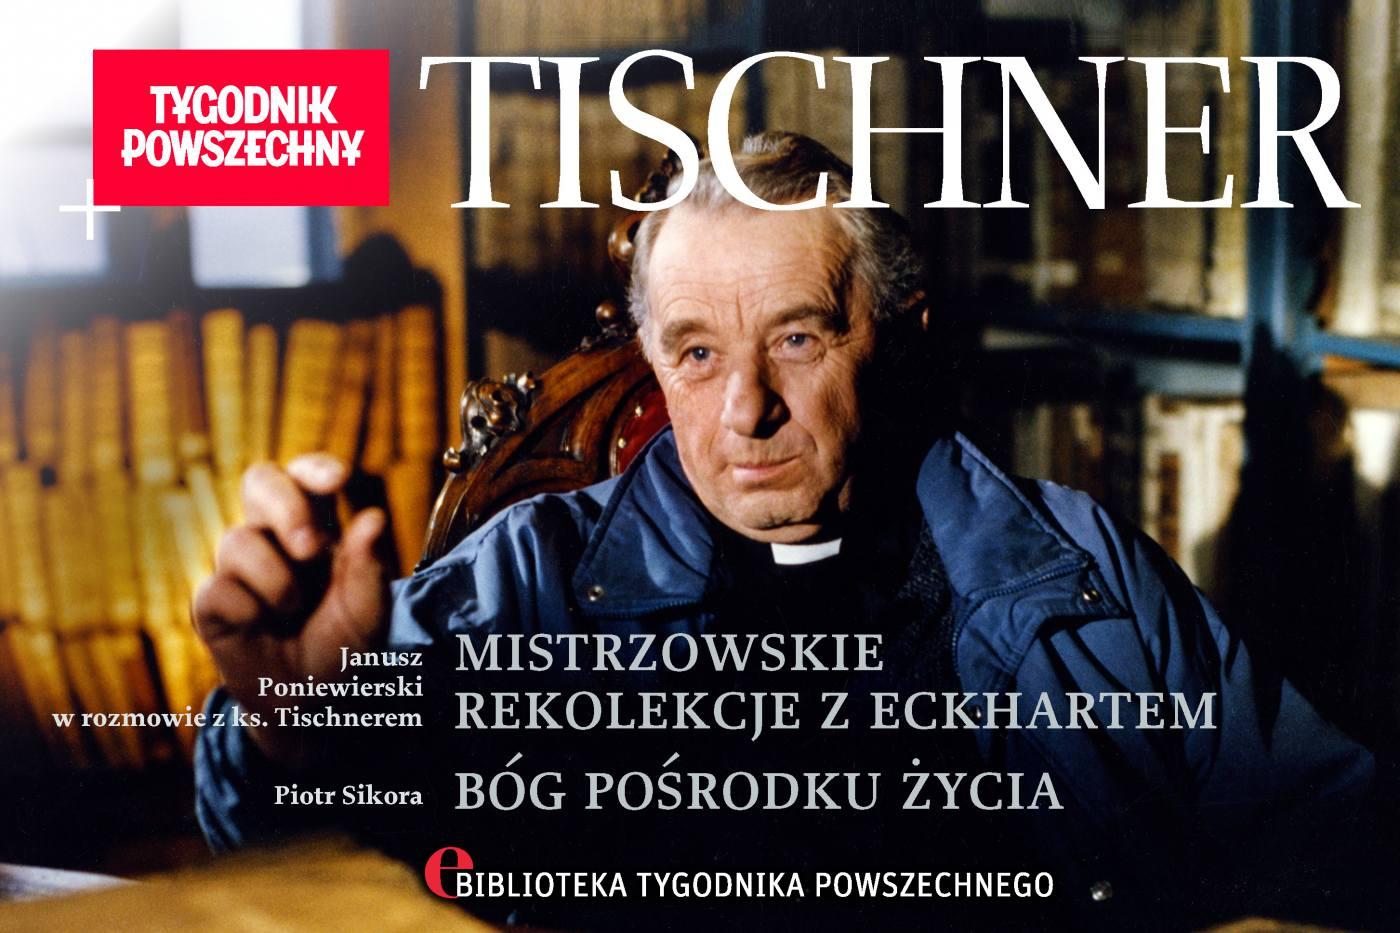 Tischner: Mistrzowskie rekolekcje z Eckhartem - Ebook (Książka na Kindle) do pobrania w formacie MOBI